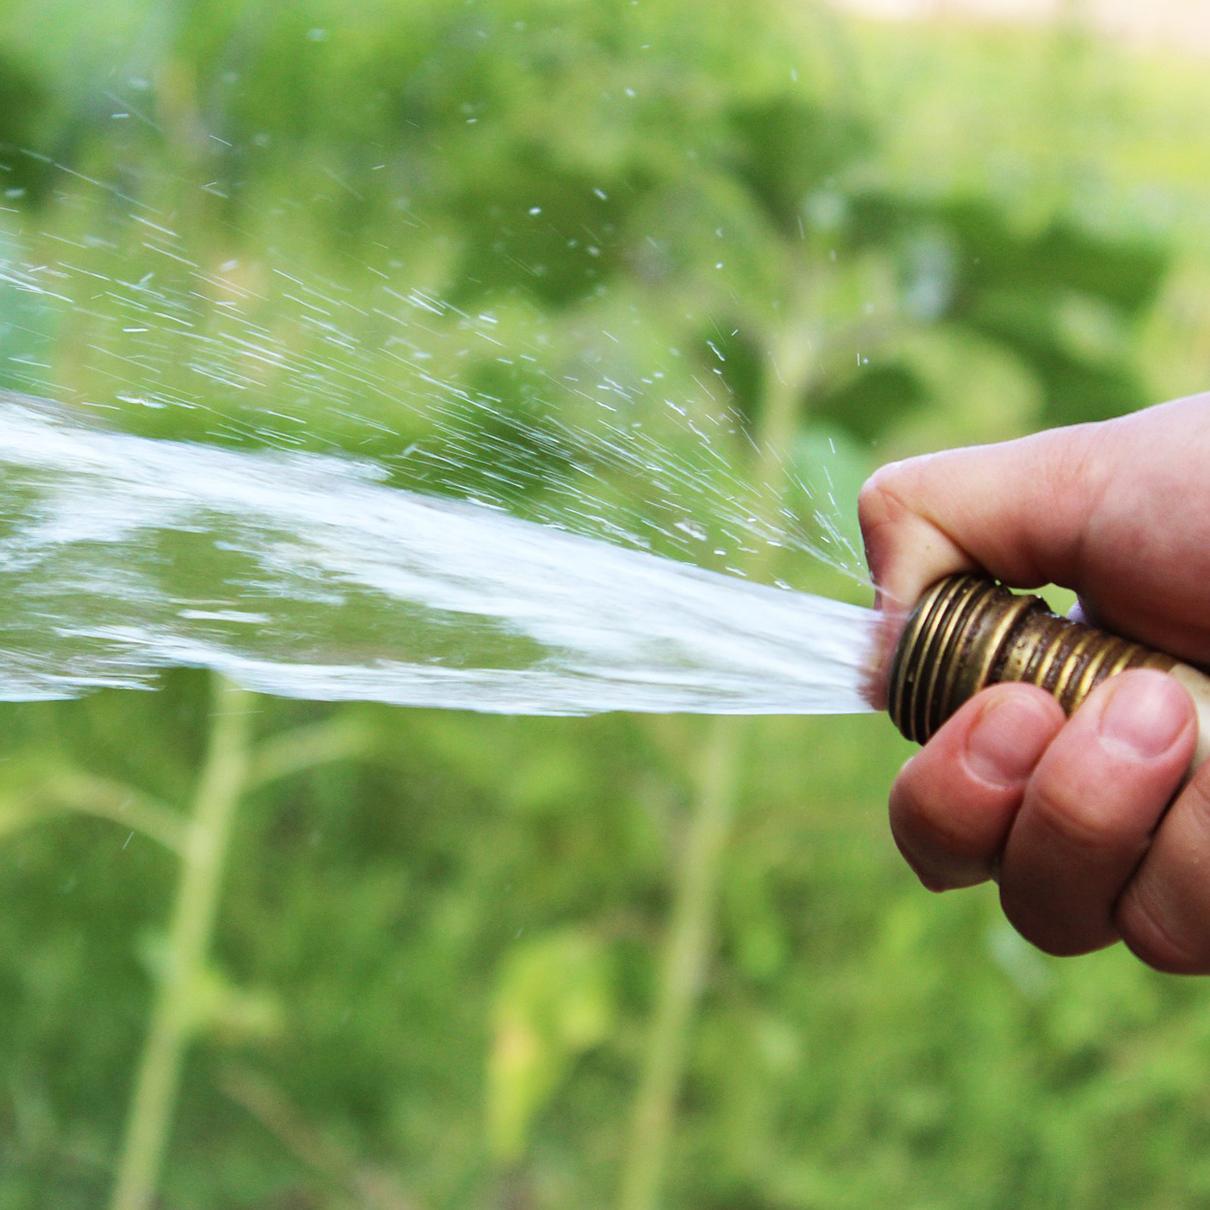 Hand hält Gartenschlauch und Sprüht Wasser auf Grünpflanzen